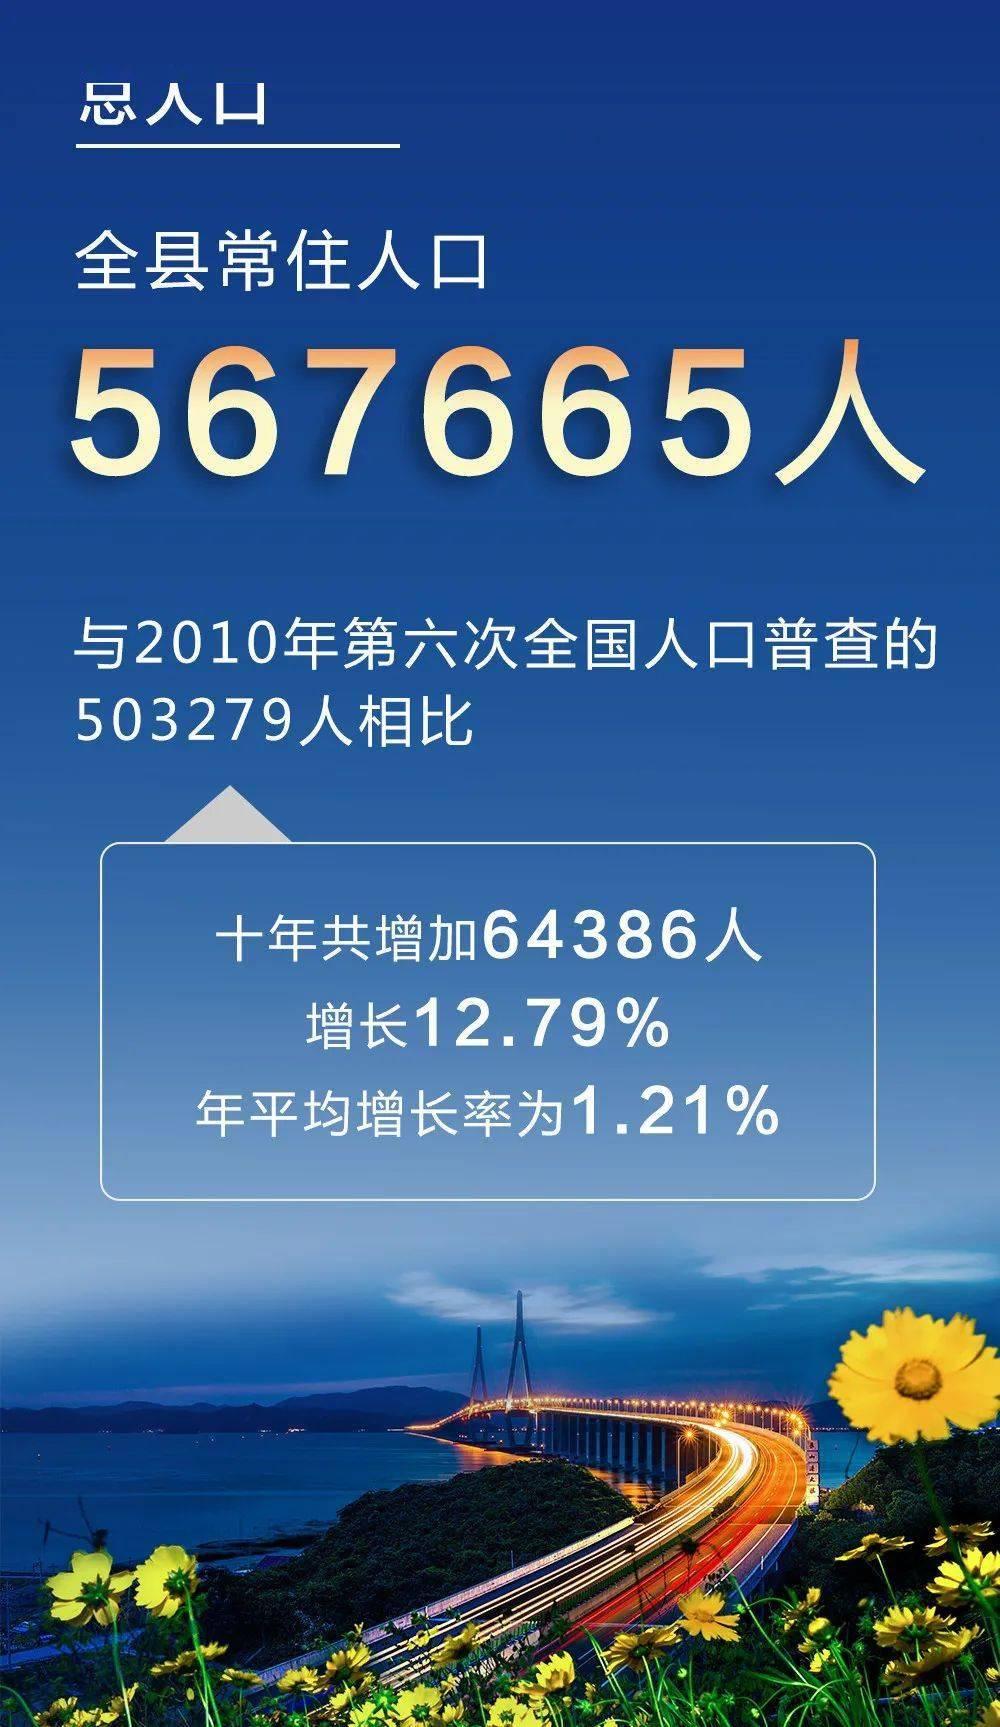 象山人口_567665!象山第七次全国人口普查主要数据出炉!